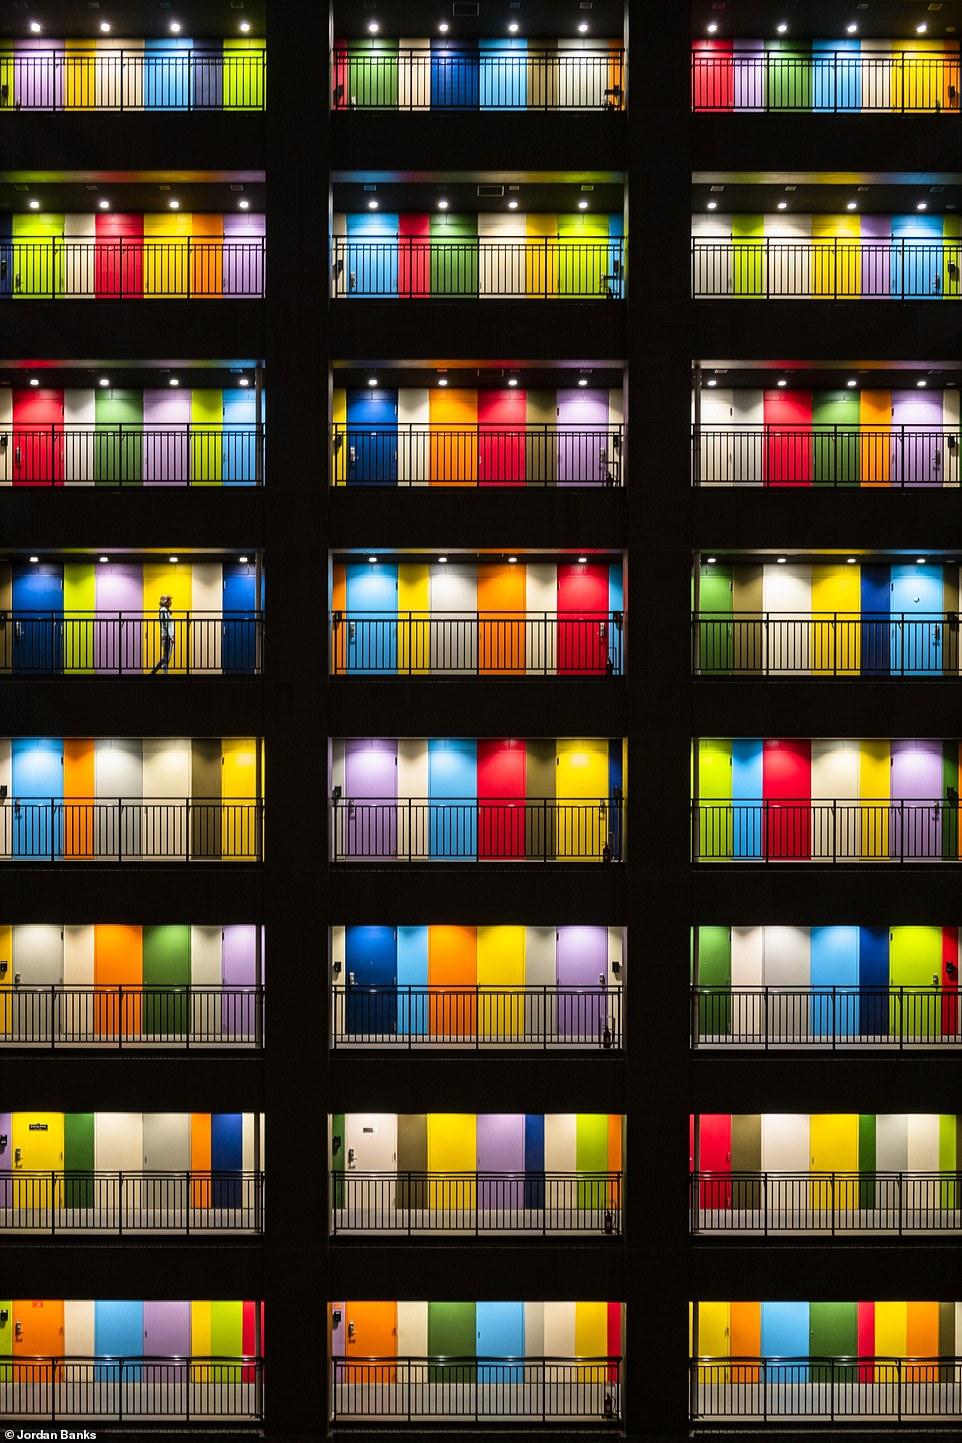 Hình ảnh đầy màu sắc này của Jordan Banks, lọt vào chung kết ở hạng mục thành phố. Cho thấy những cánh cửa nổi bật của tòa nhà Soho - một khu căn hộ tư nhân ở Odaiba, một hòn đảo nhân tạo ở Vịnh Tokyo.